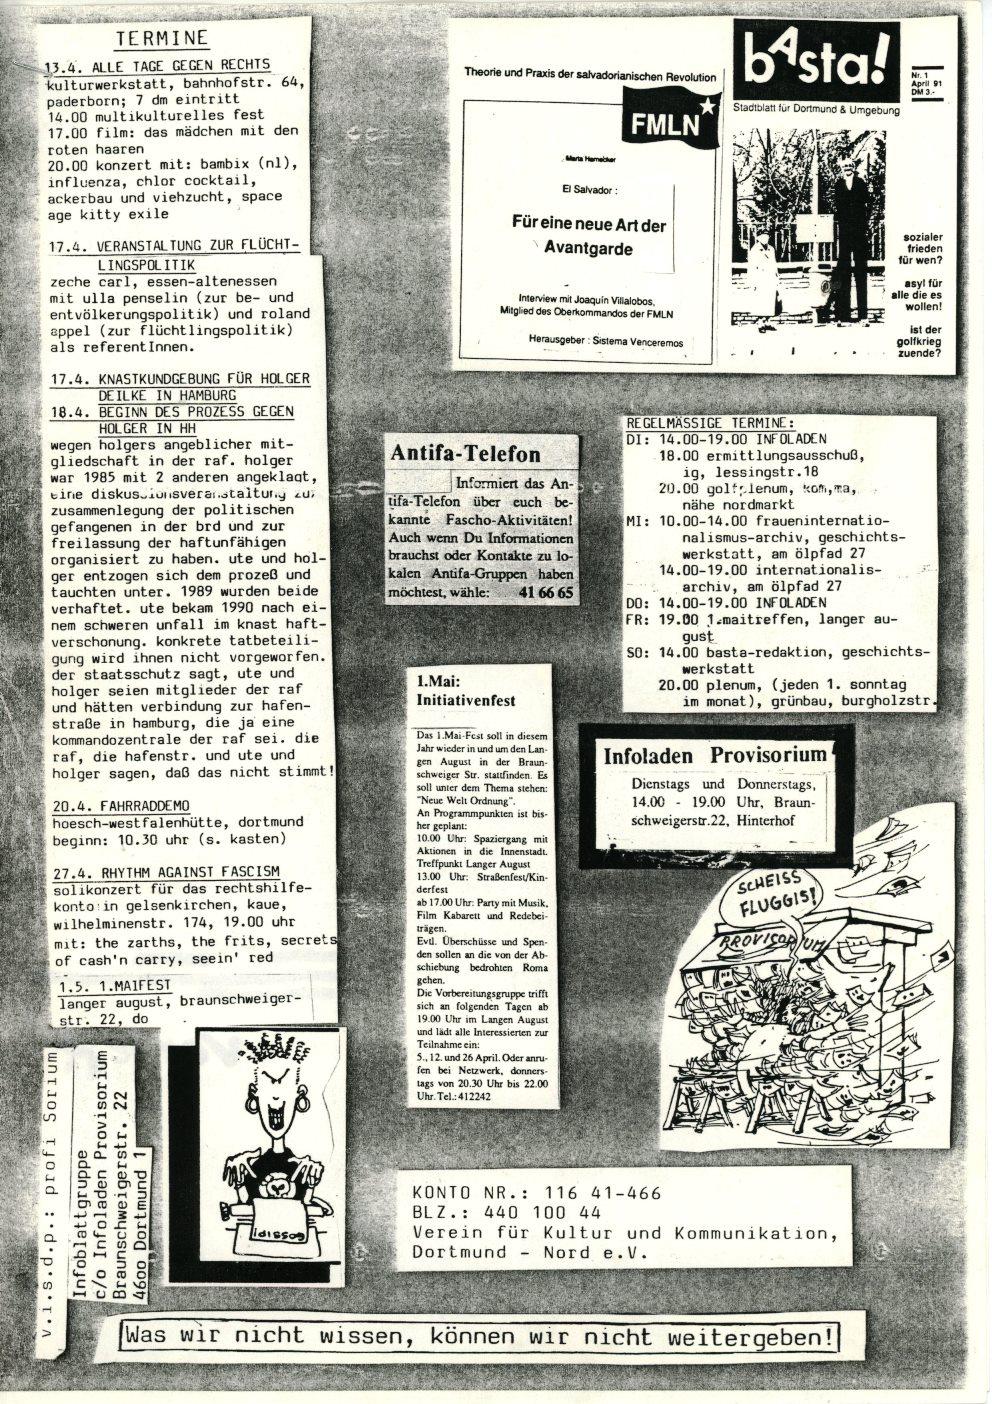 Dortmund_Provo_1991_02_02